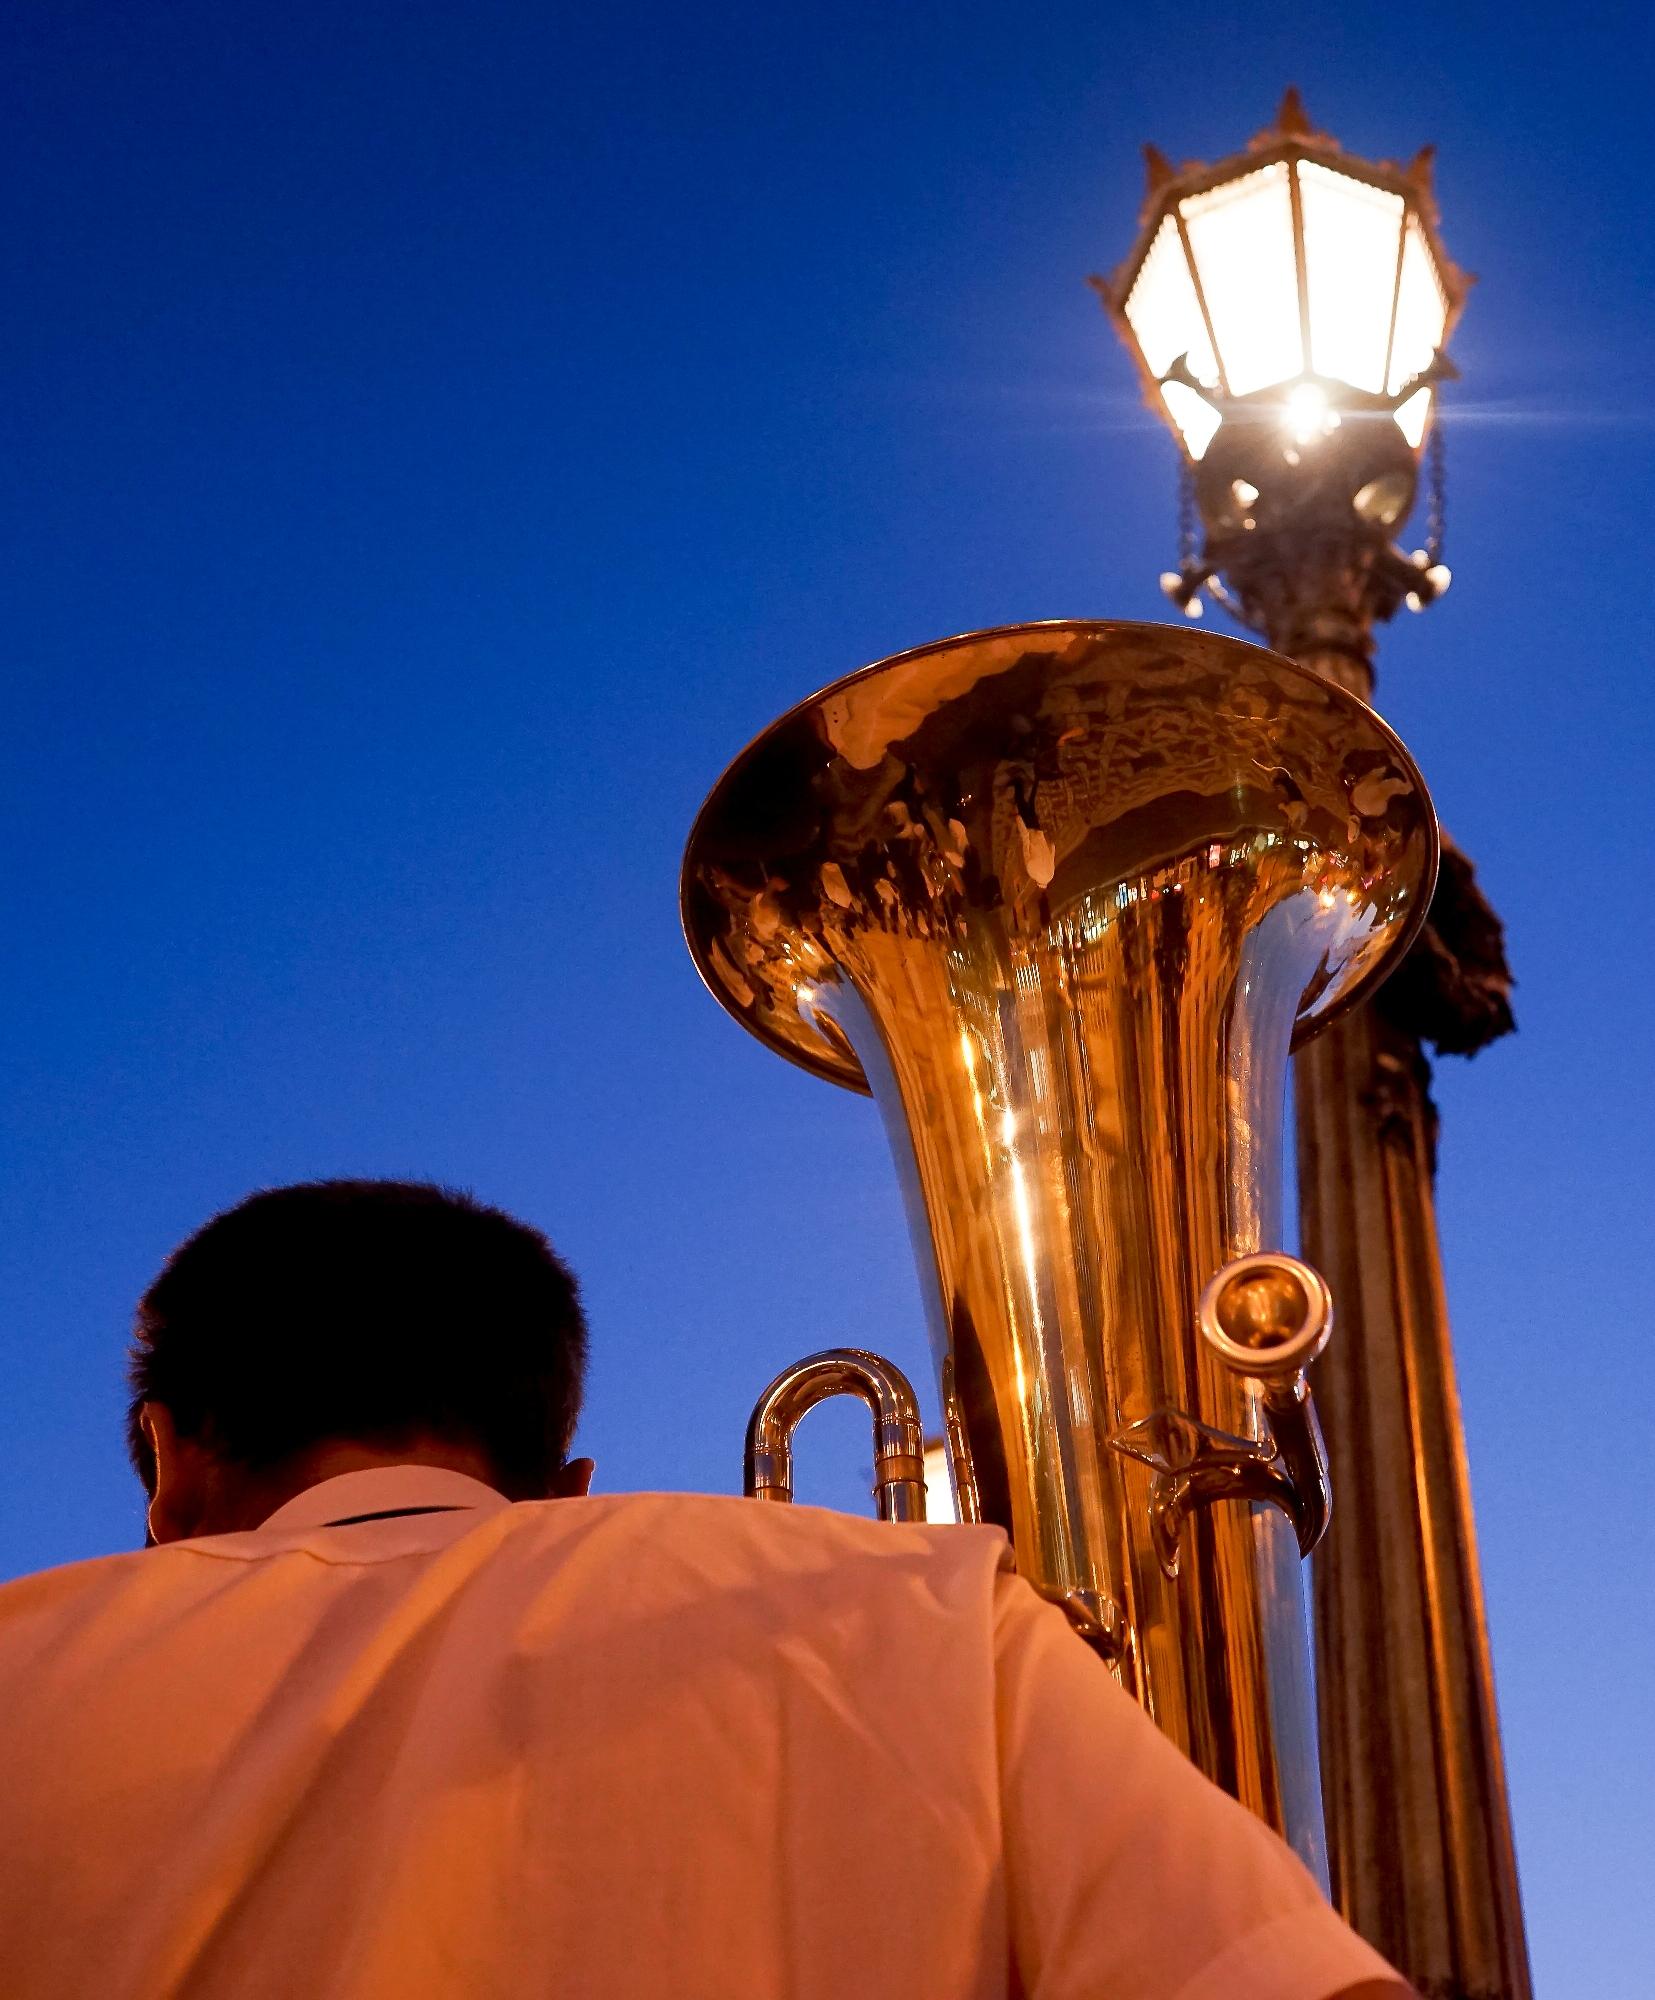 Pormenor de uma tuba e das costas de um músico. Em segundo plano, um candeeiro de iluminação pública aceso.